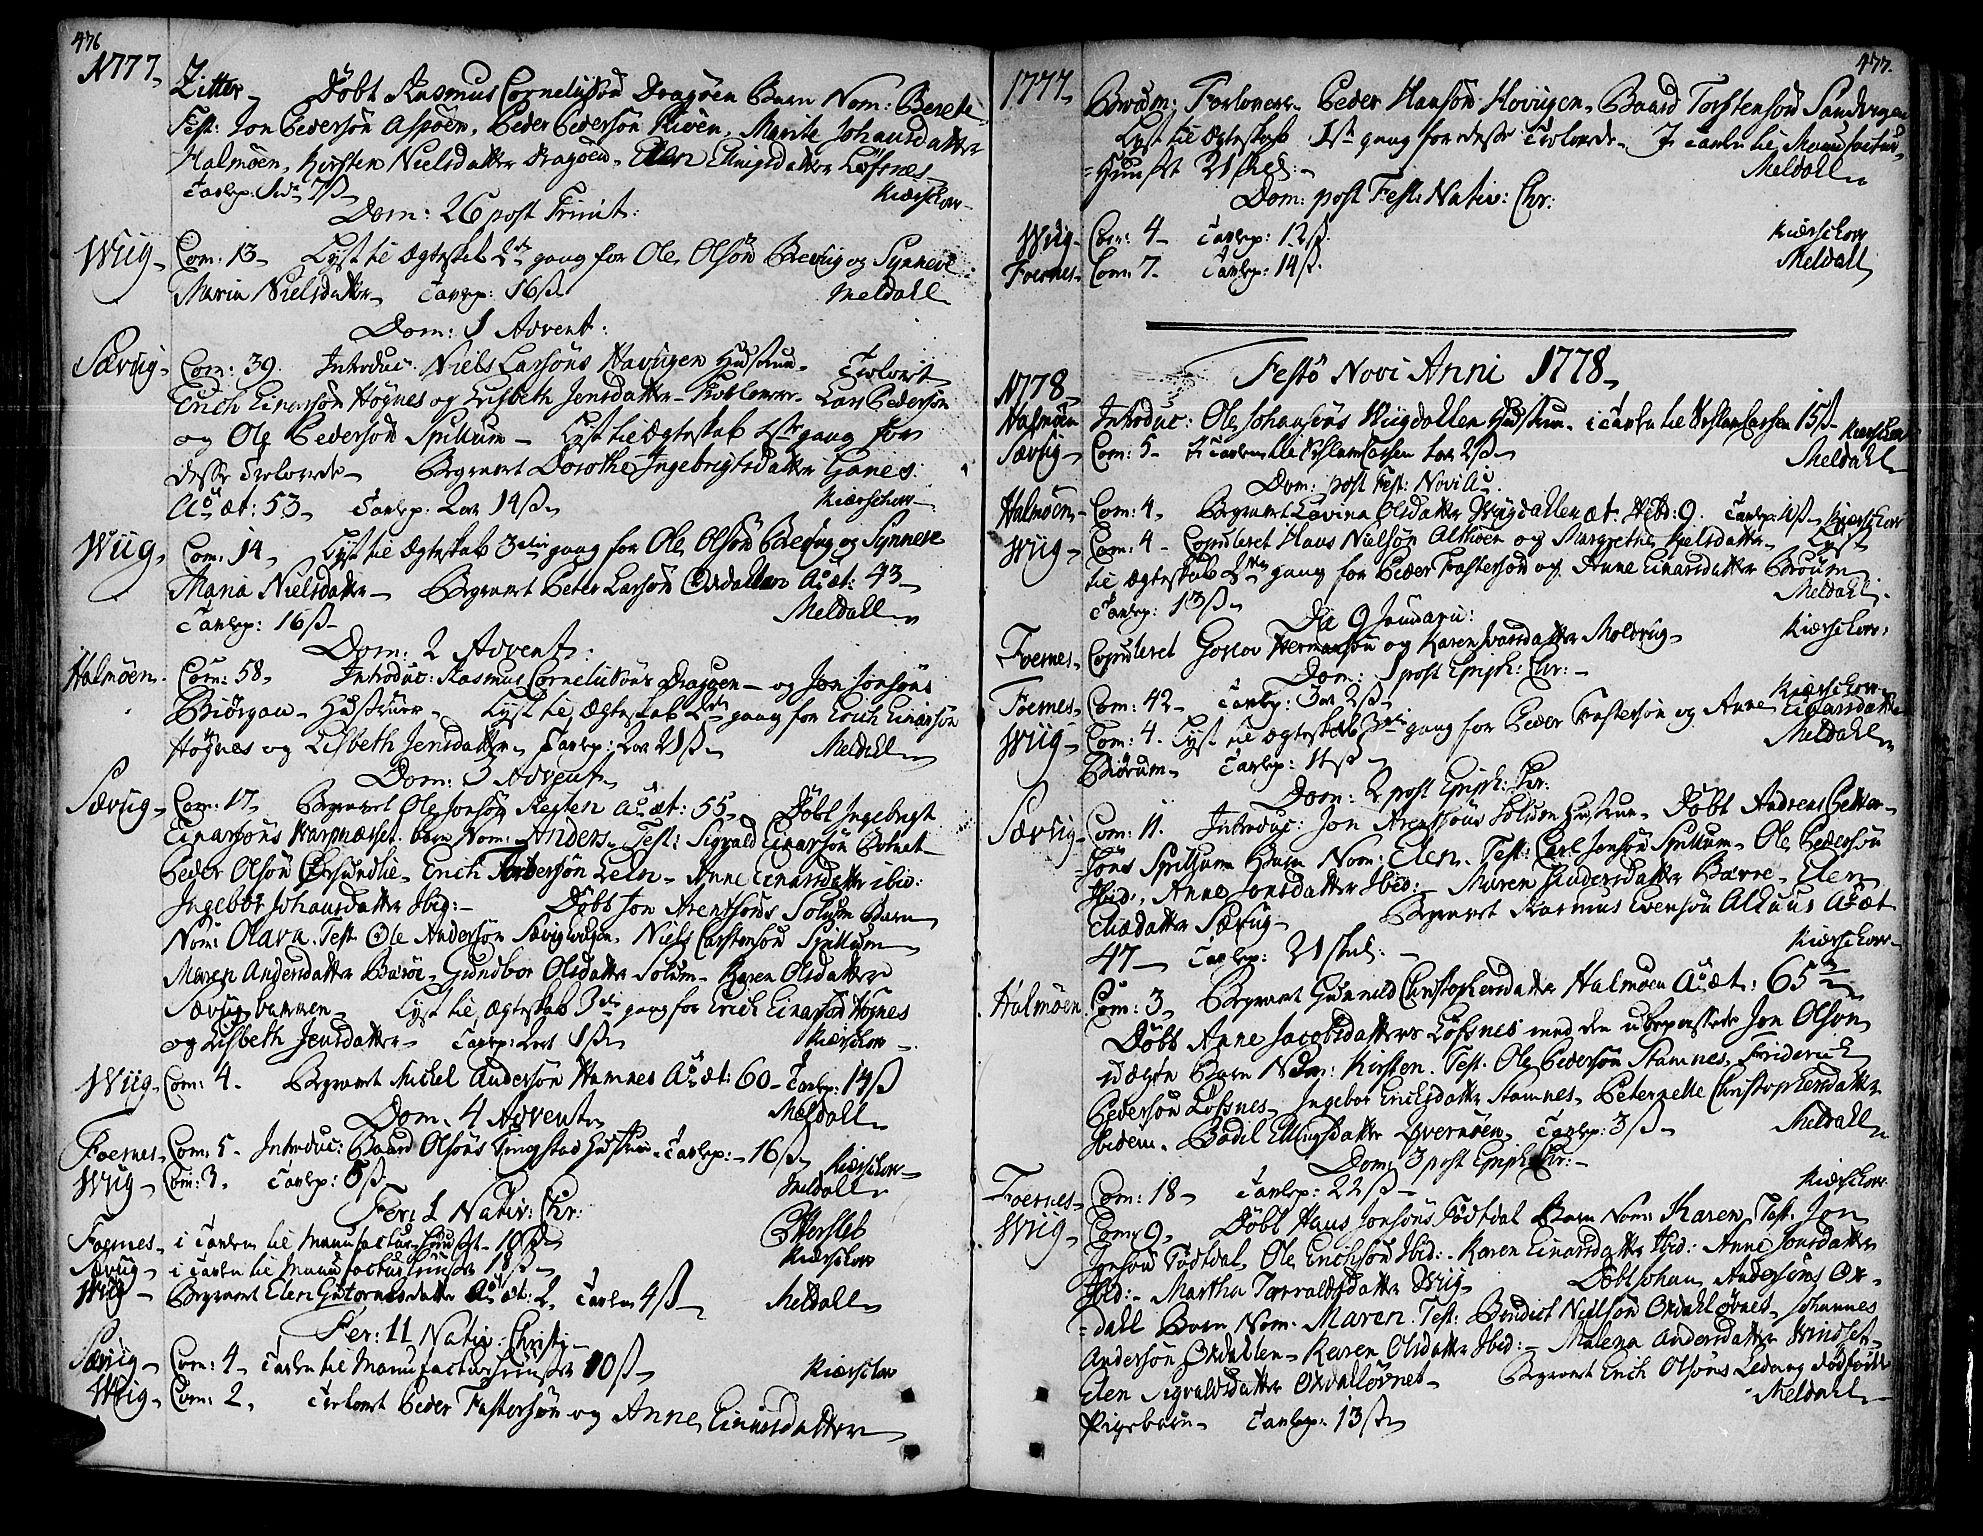 SAT, Ministerialprotokoller, klokkerbøker og fødselsregistre - Nord-Trøndelag, 773/L0607: Ministerialbok nr. 773A01, 1751-1783, s. 476-477